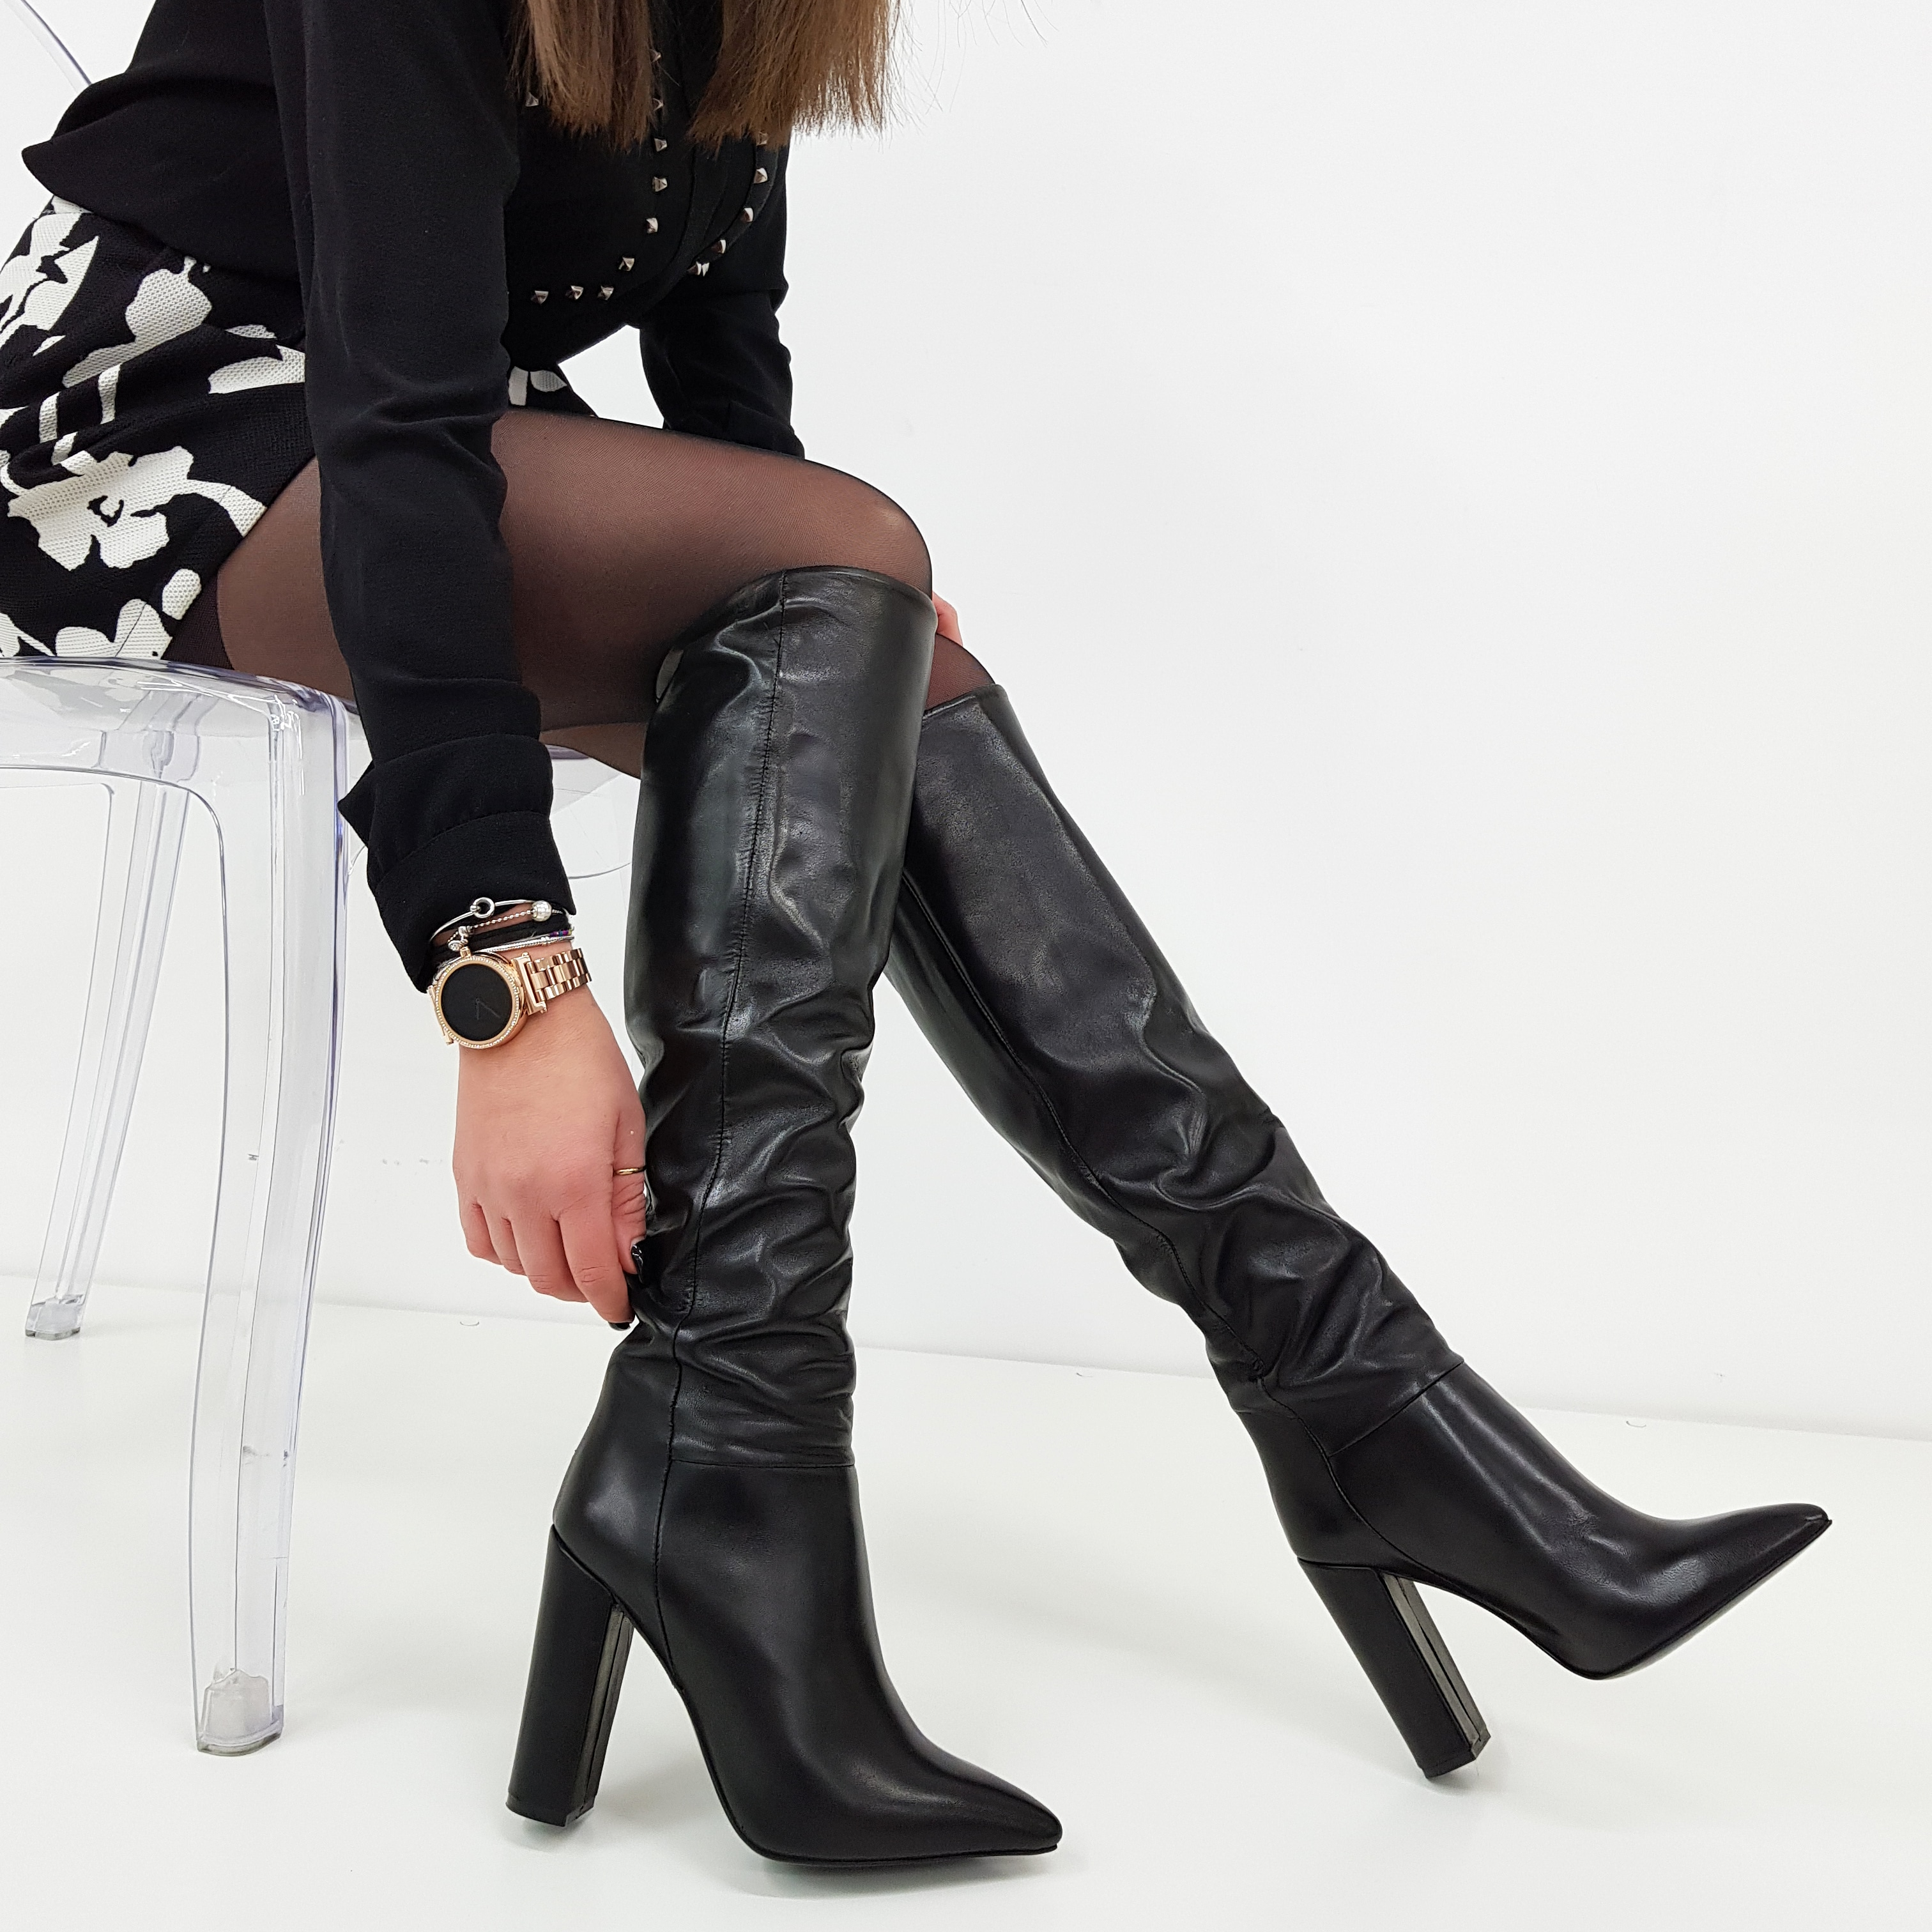 il più votato genuino migliore online stile alla moda STIVALE SOTTO AL GINOCCHIO PELLE NERO PUNTA E TACCO SARA 4